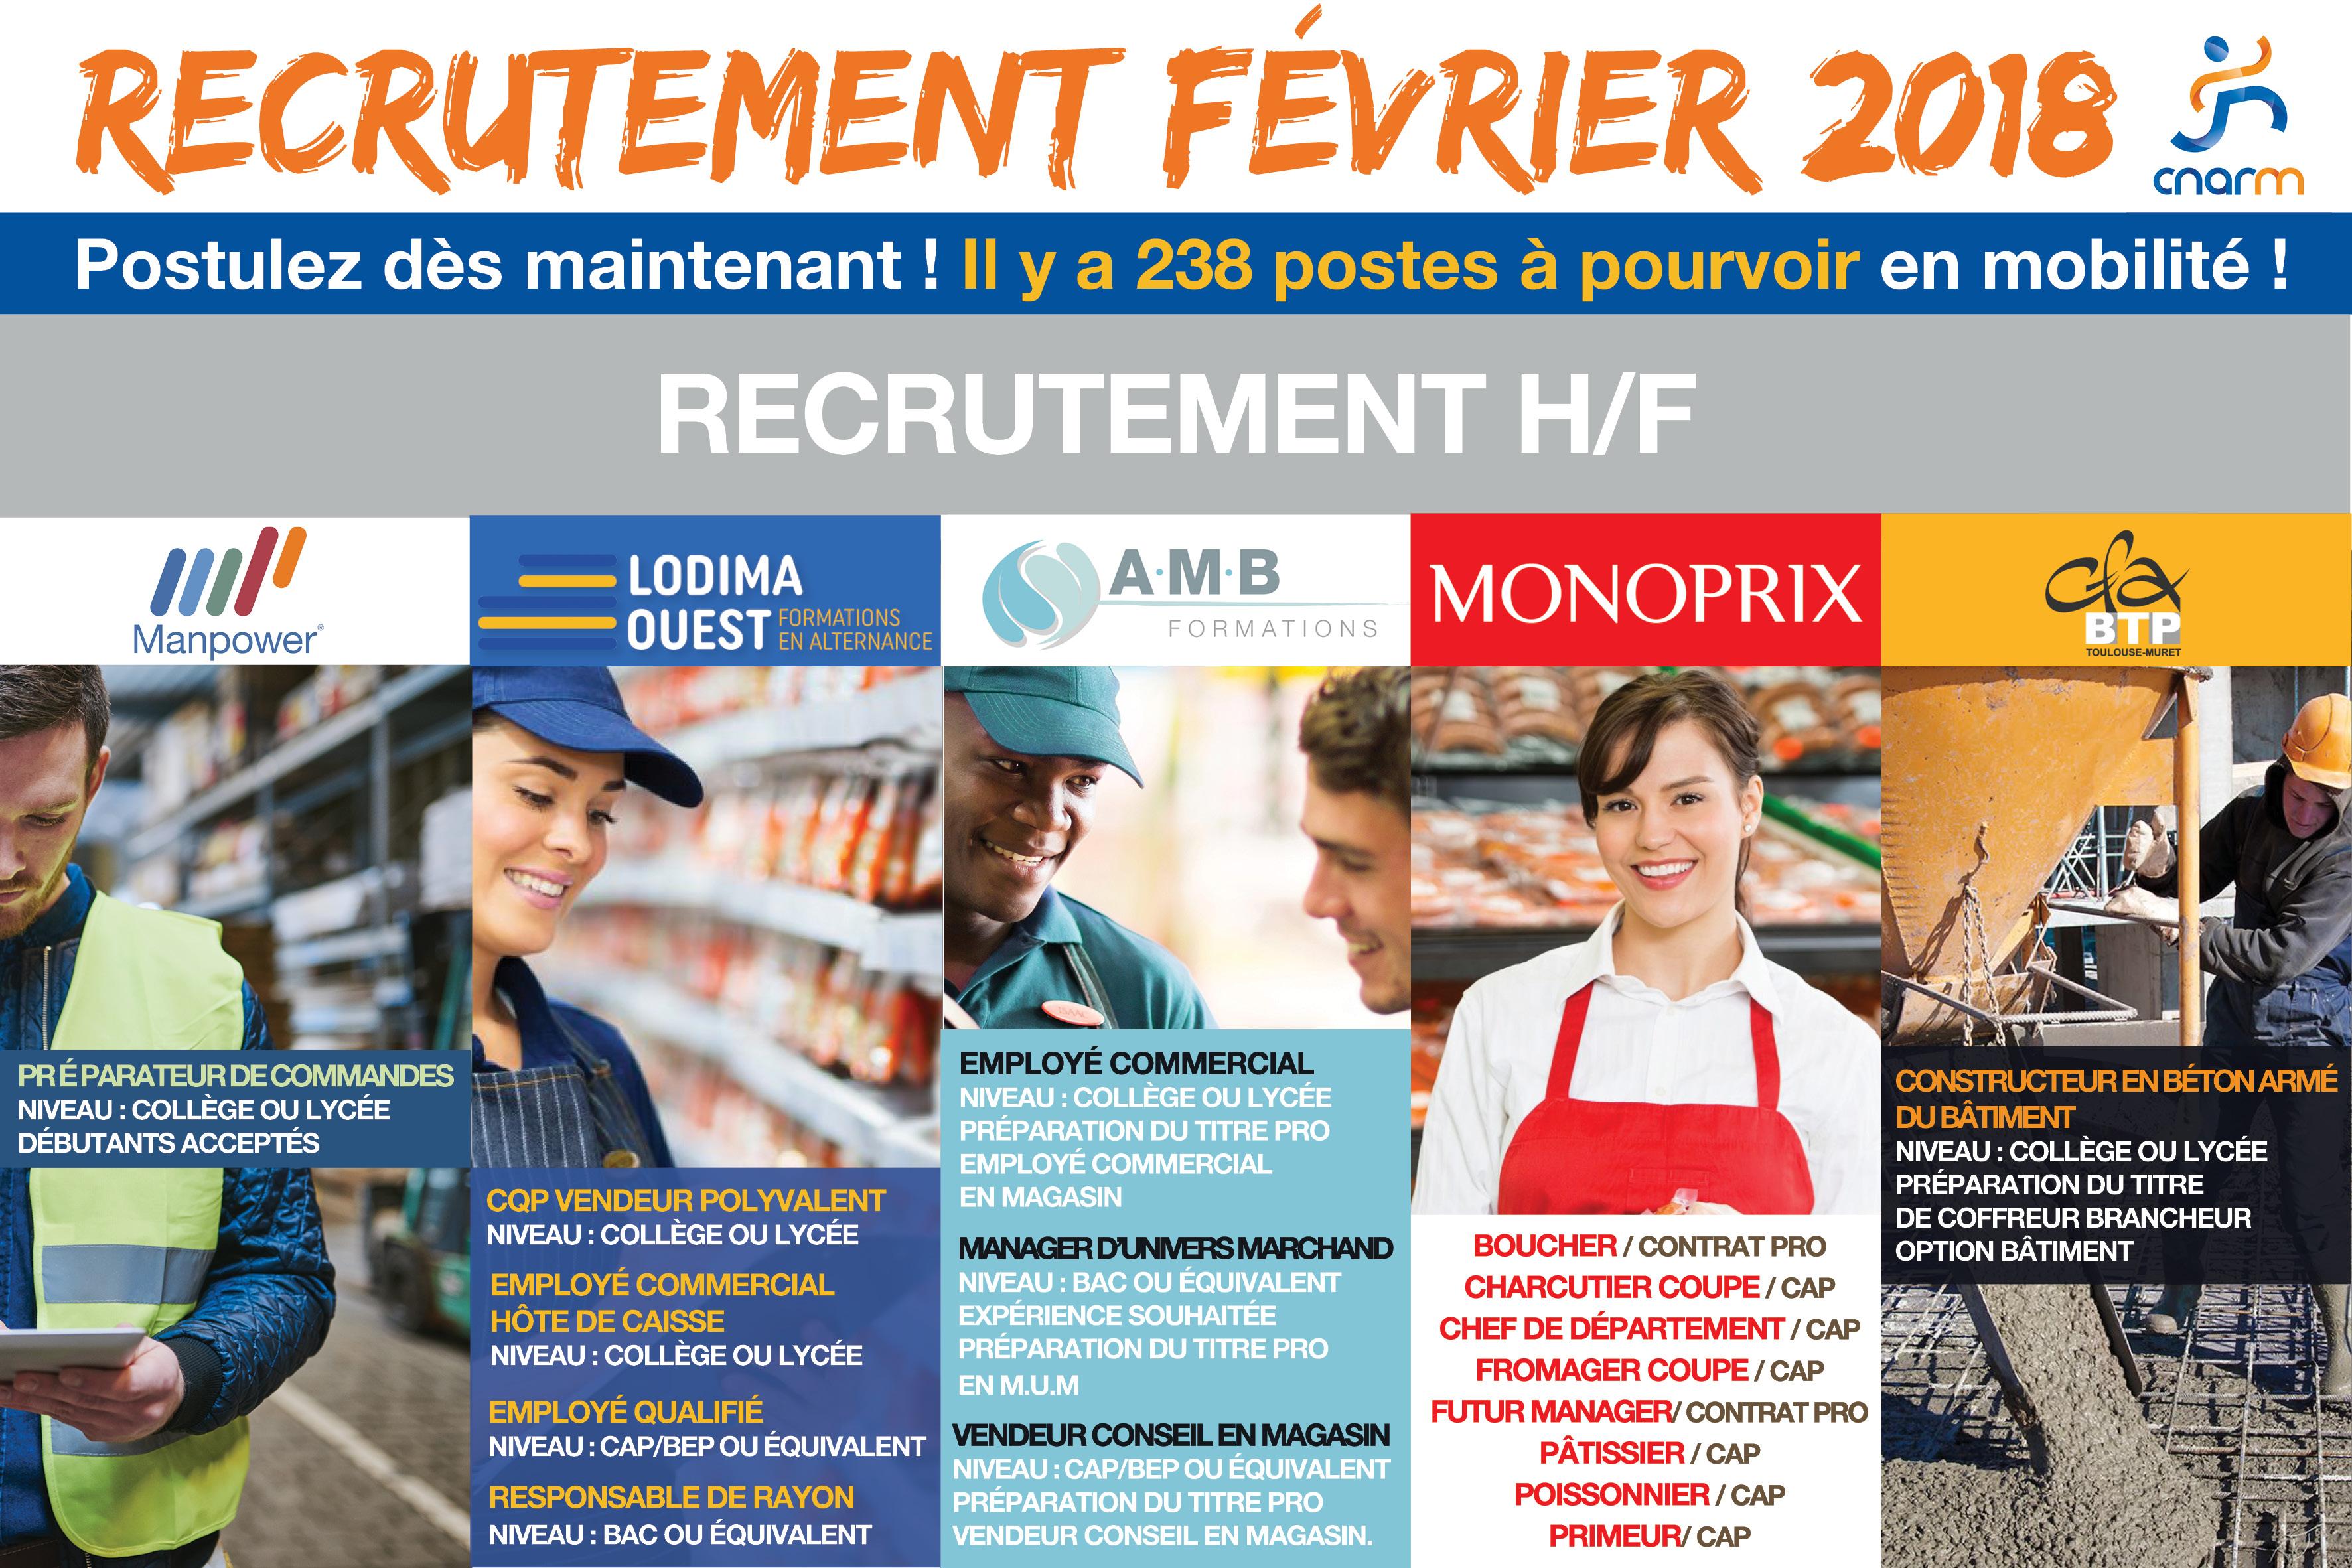 Recrutement emploi mobilité février 2018 - CNARM